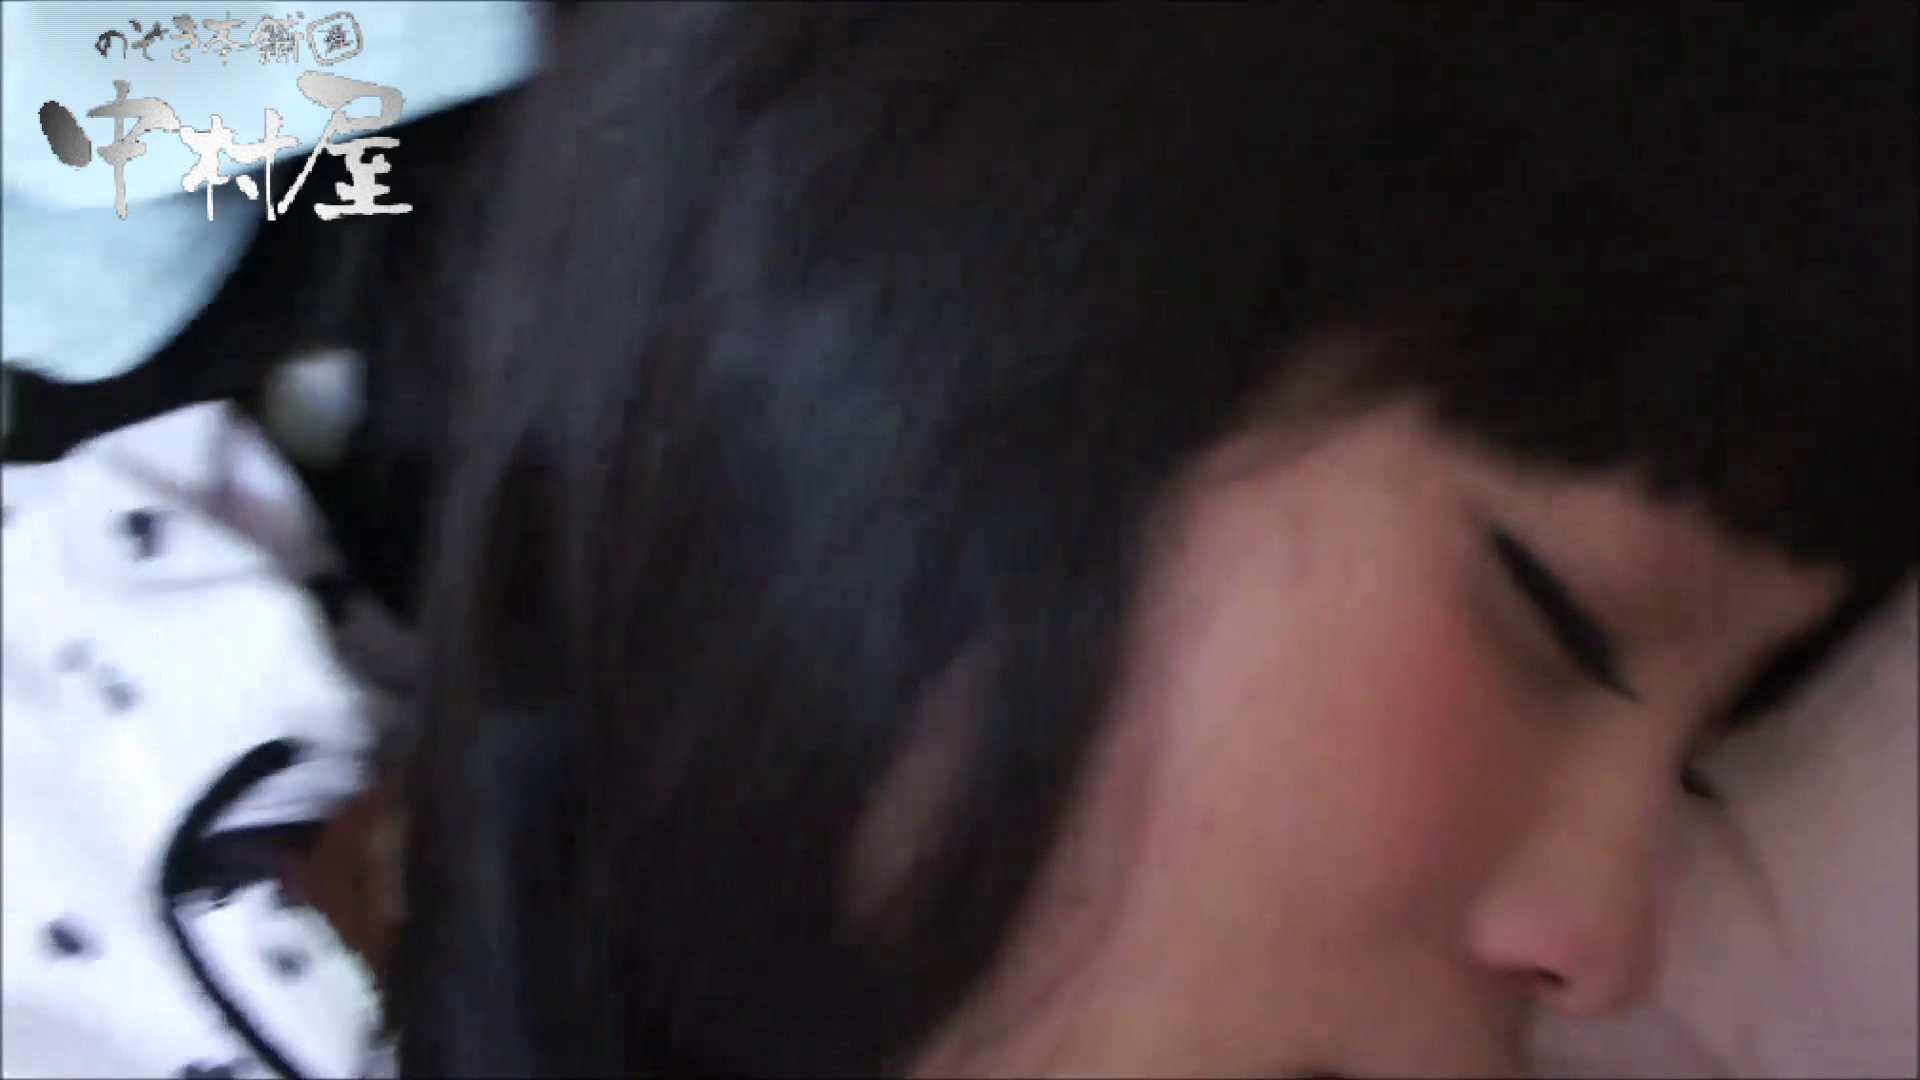 わが愛しき女良達よFile.106 【未公開】3人一緒に・・・【小春編】 厠 われめAV動画紹介 47連発 11